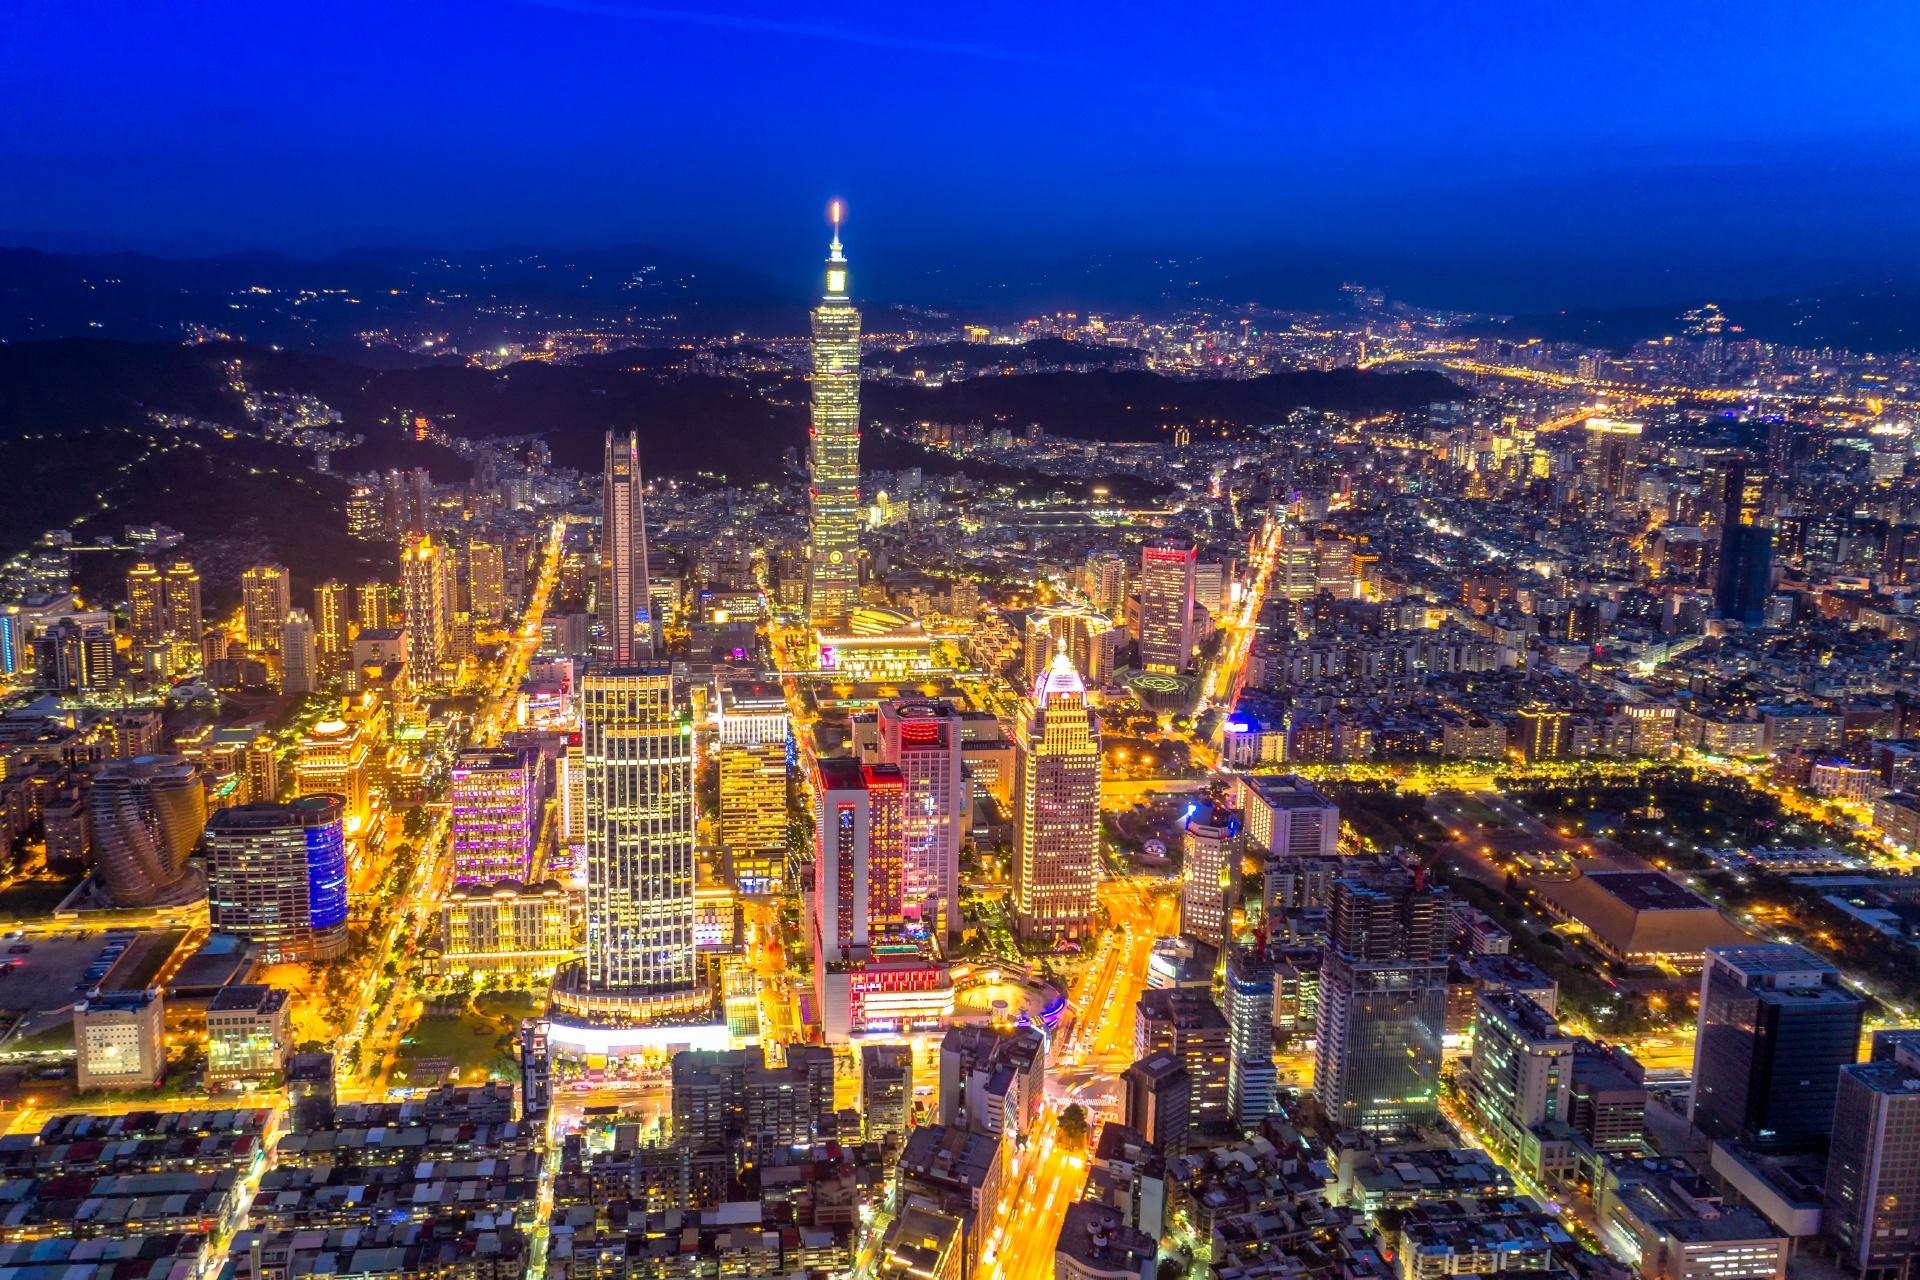 夜の台北のダウンタウン 台湾の風景